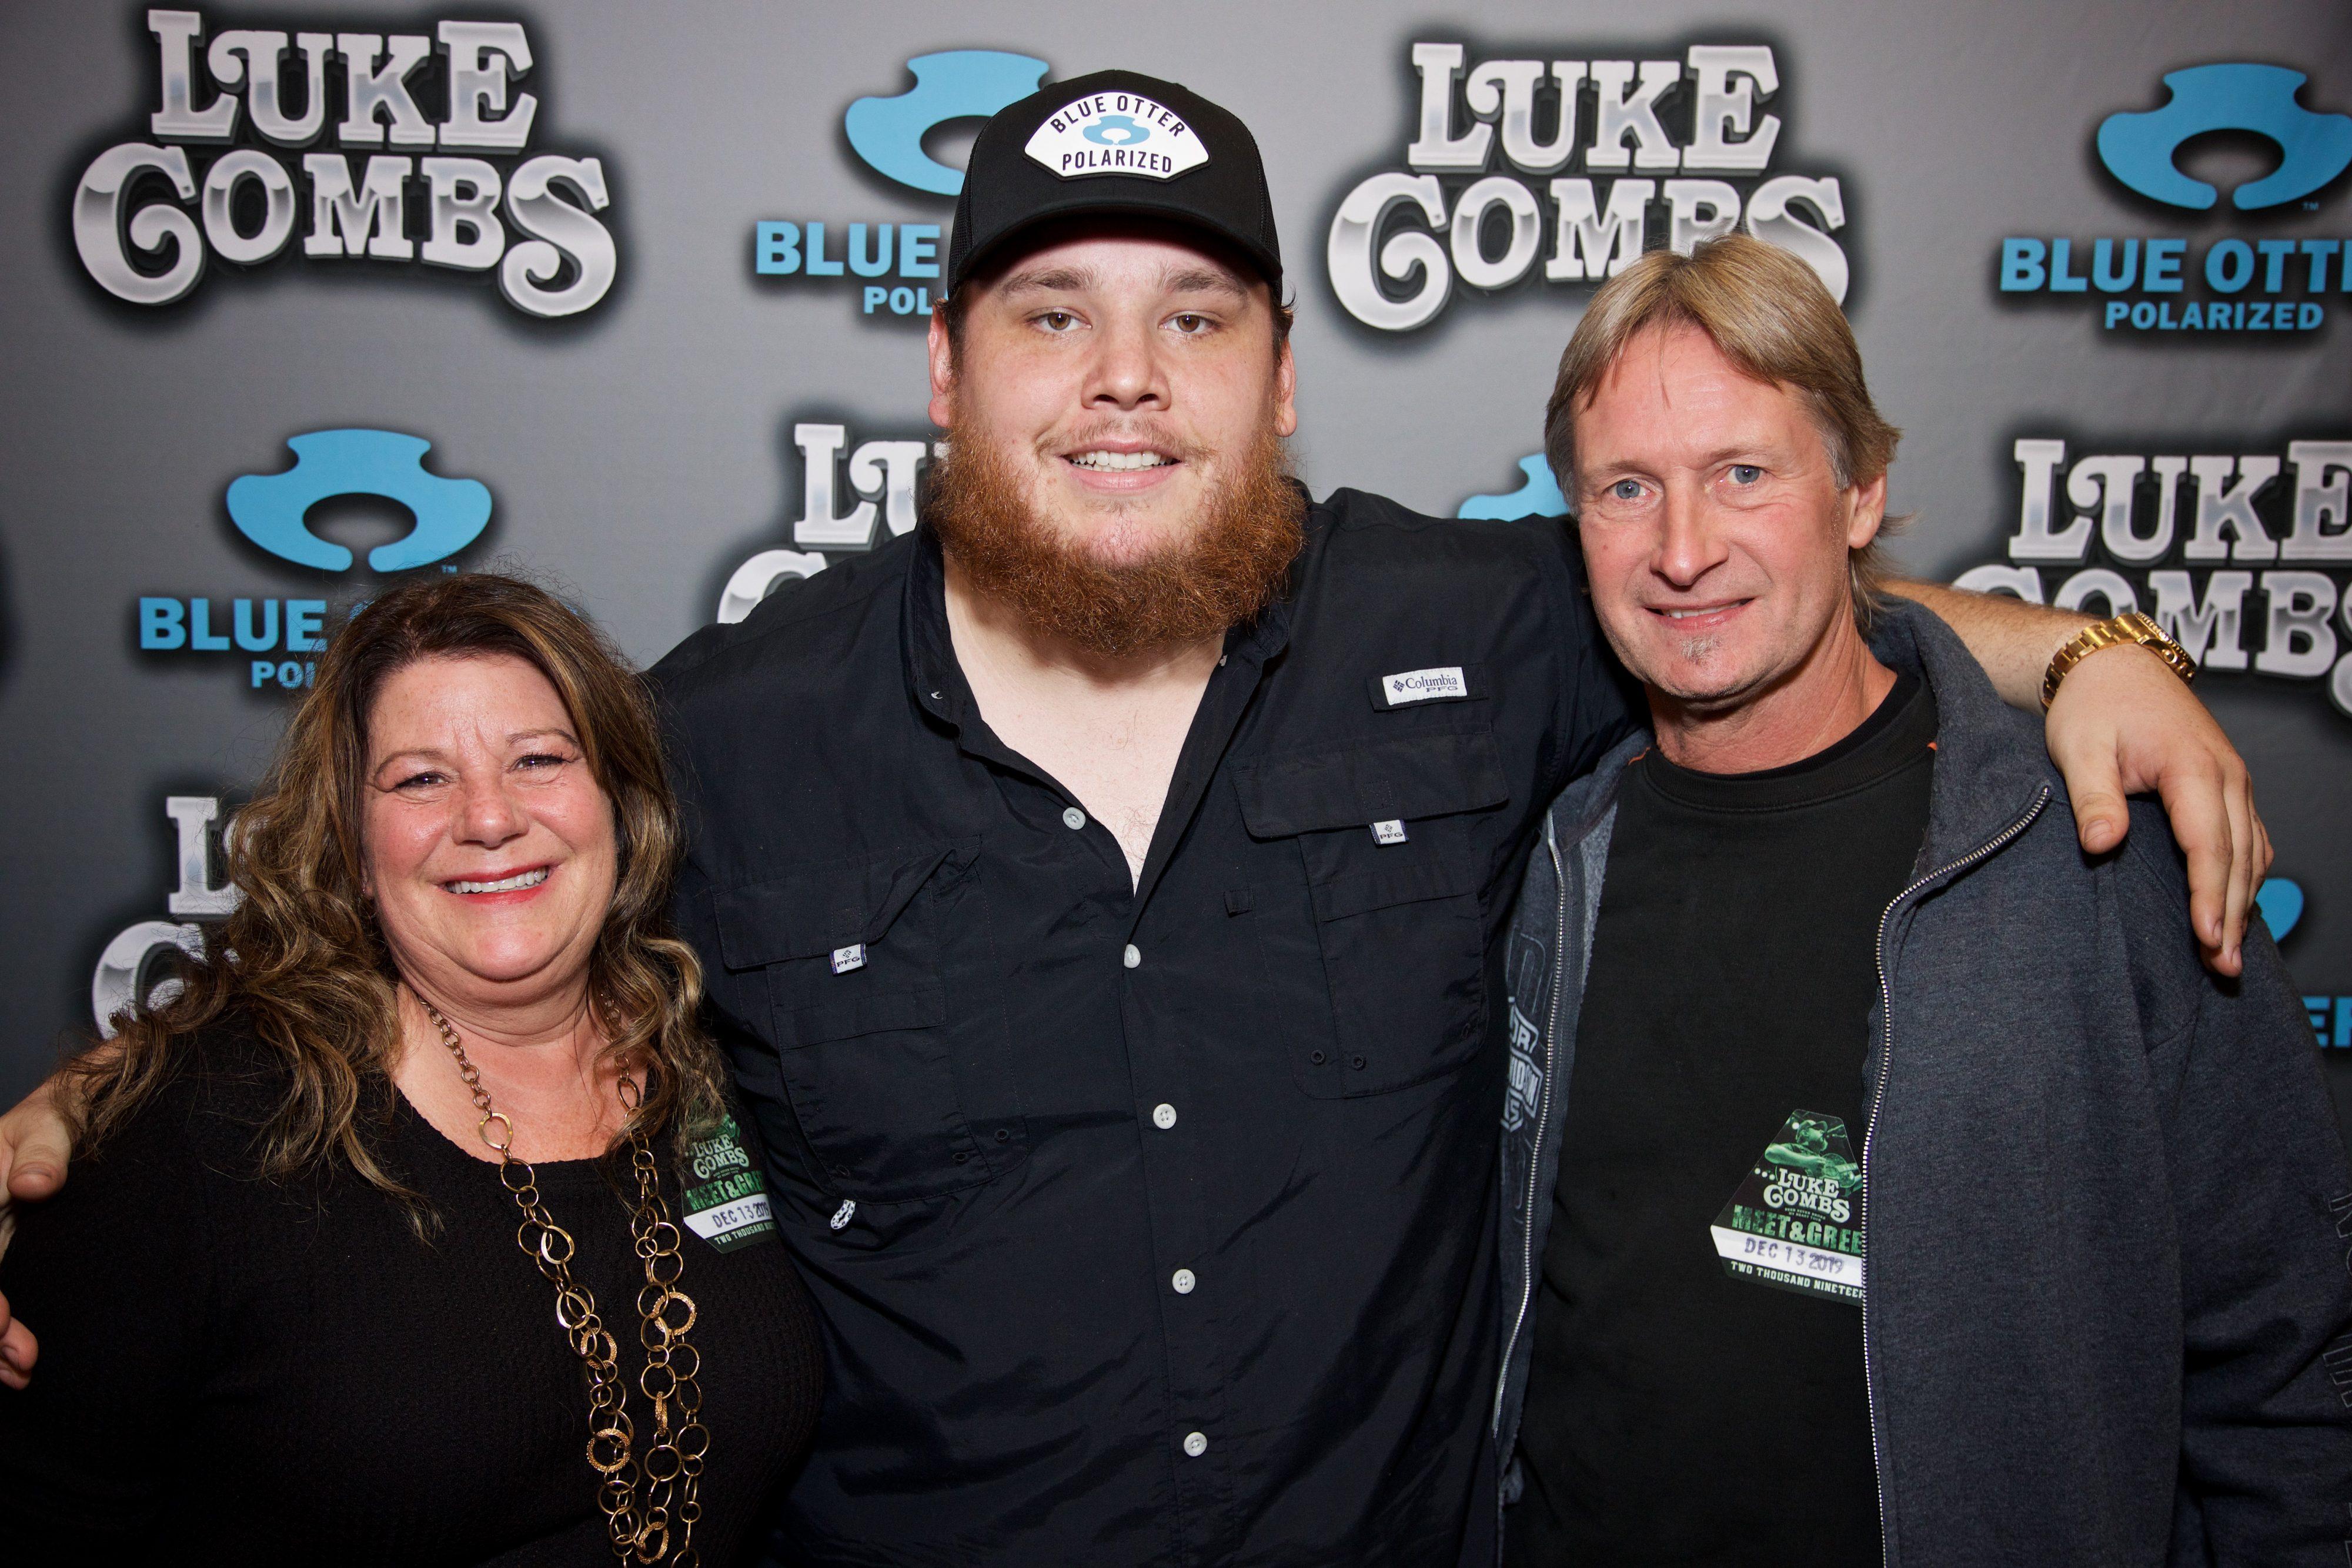 20191213_Luke_Combs_Nashville_0333